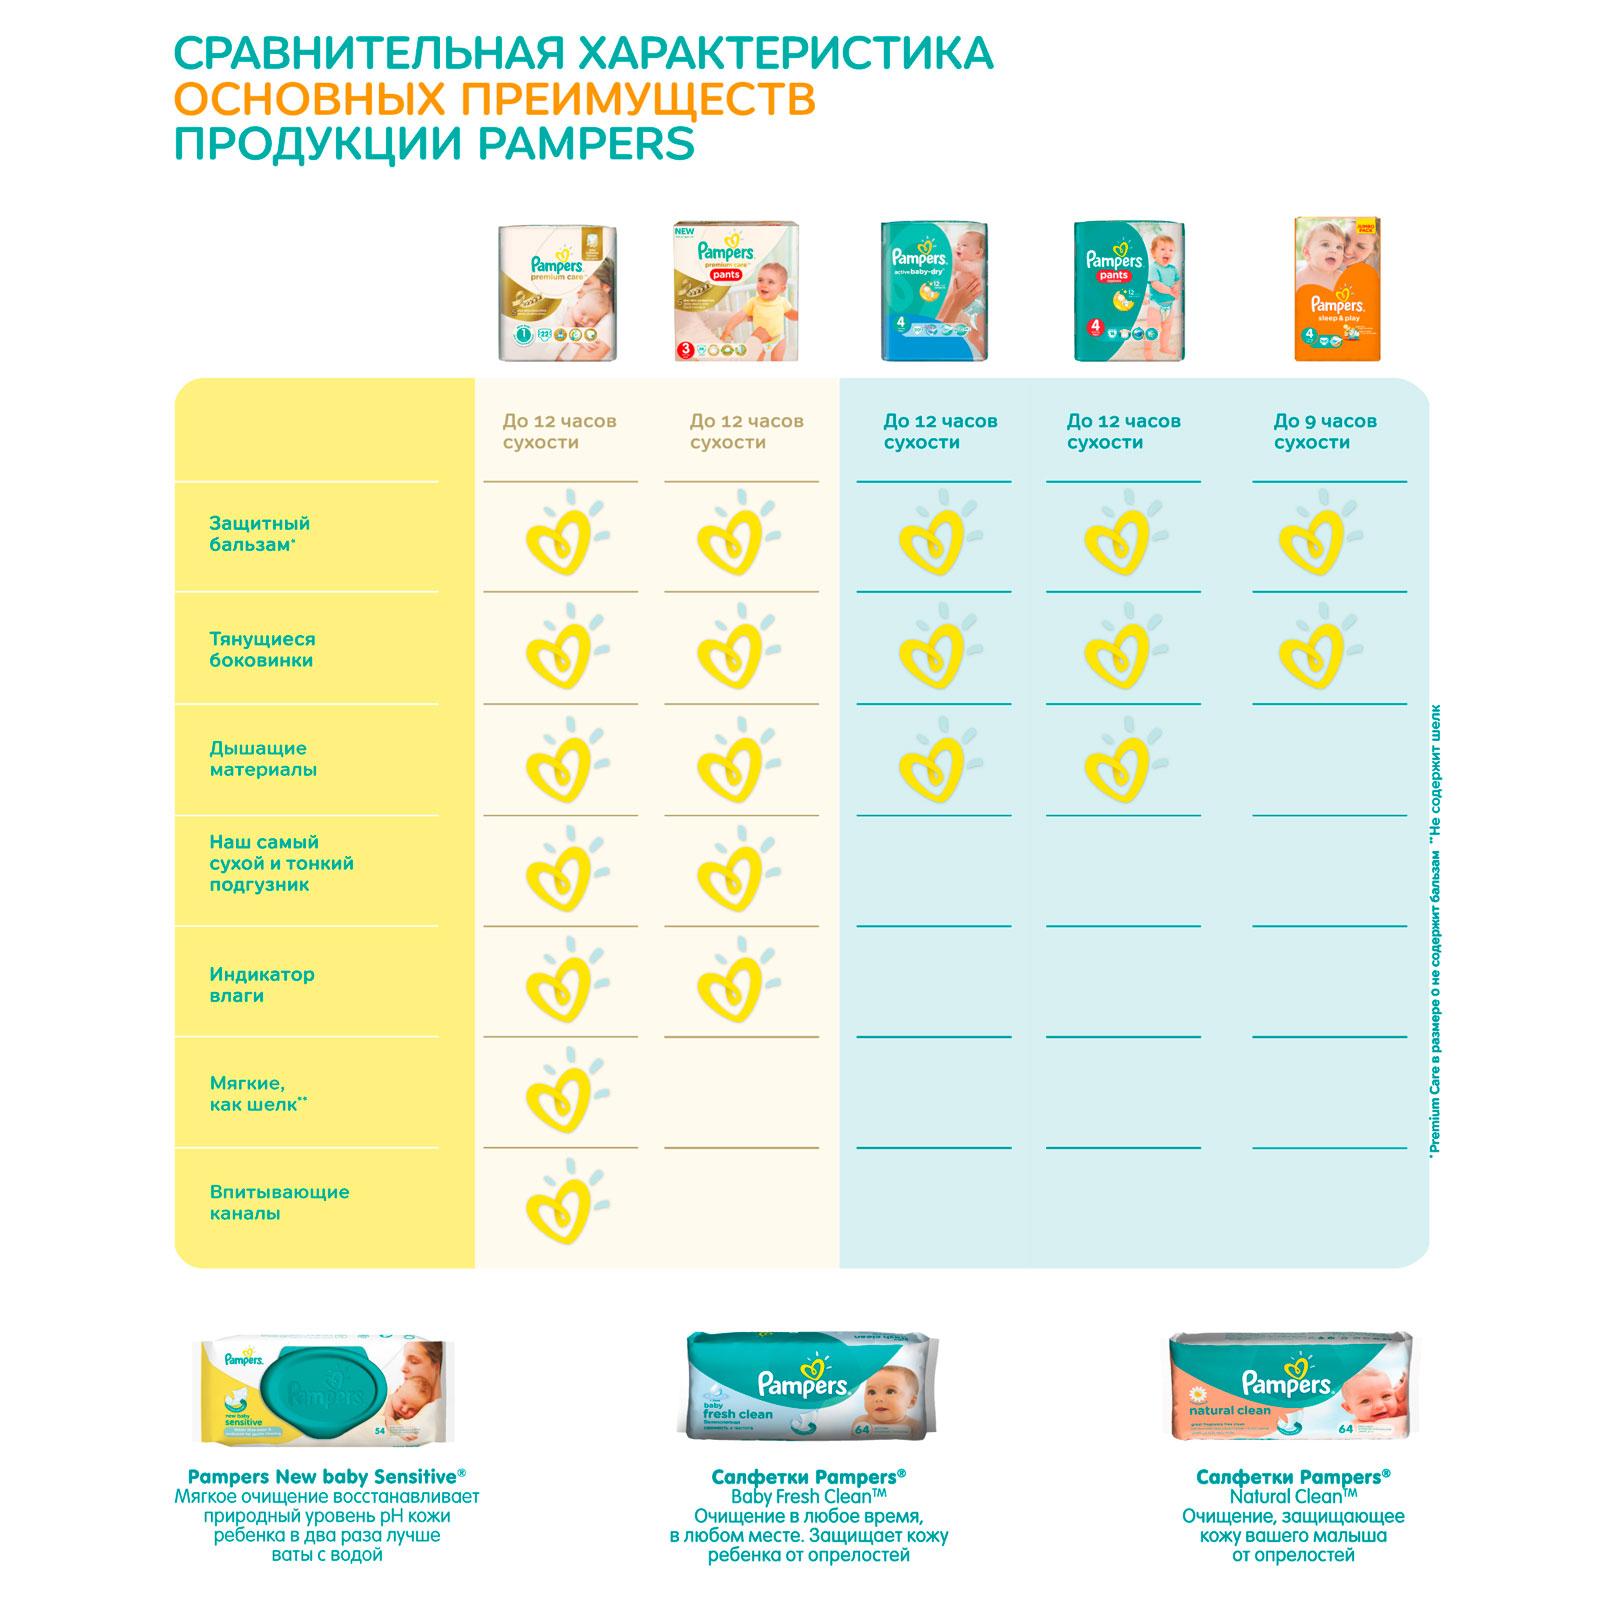 ����� Pampers � 8 ������� Unisex & Premium (4 ������)